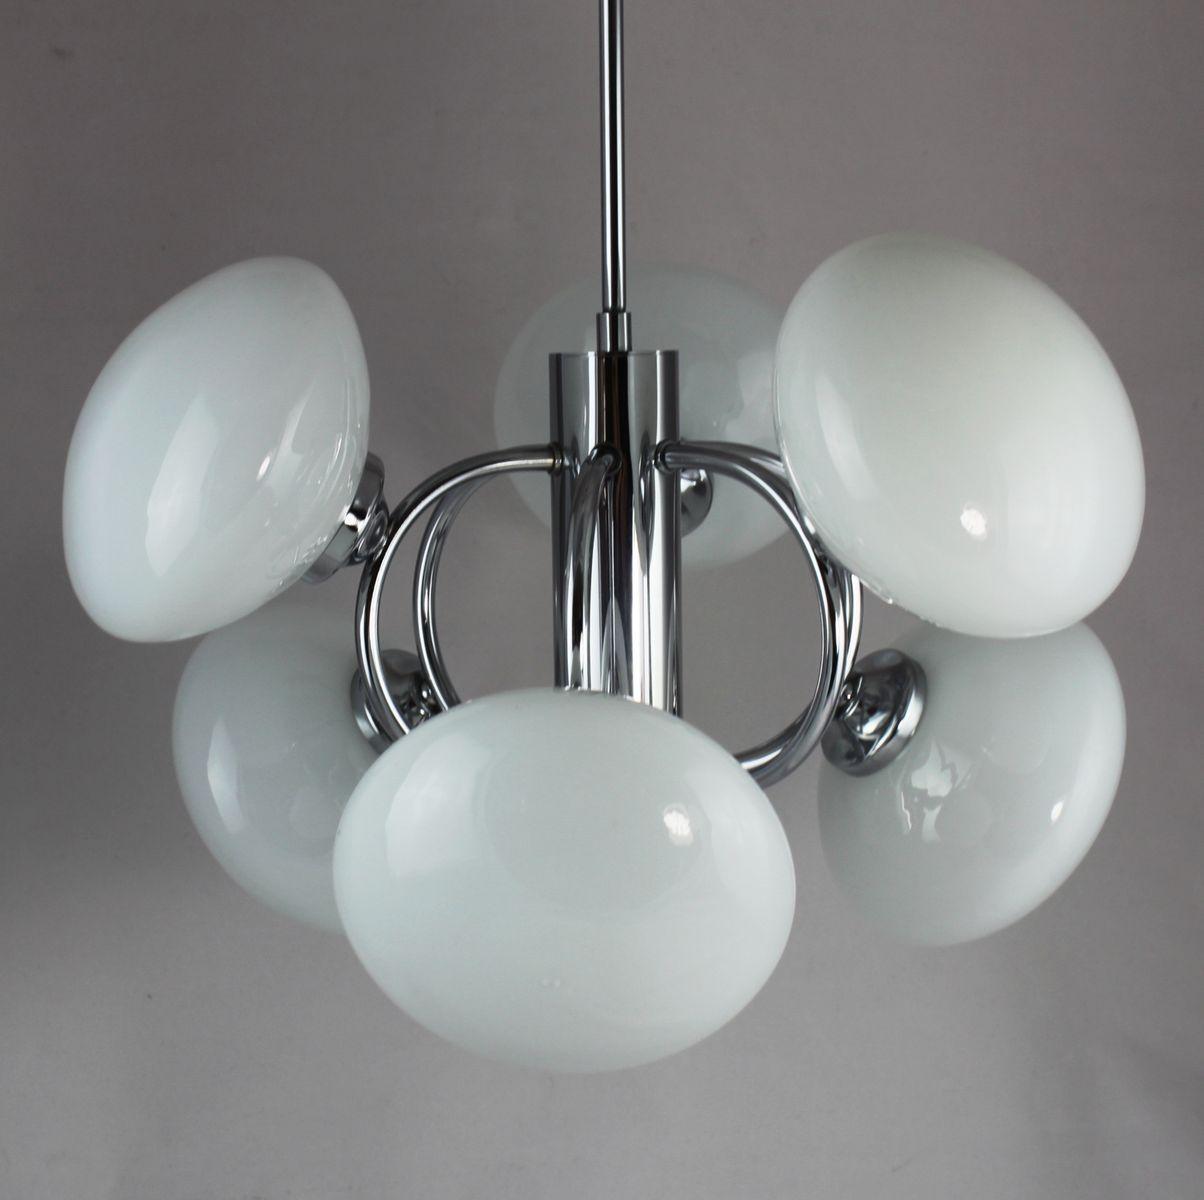 Led Deckenstrahler 230v Deckenleuchte Led Dimmbar Fernbedienung Billige Deckenlampen Led Deckenleuch Led Deckenlampen Led Deckenstrahler Lampen